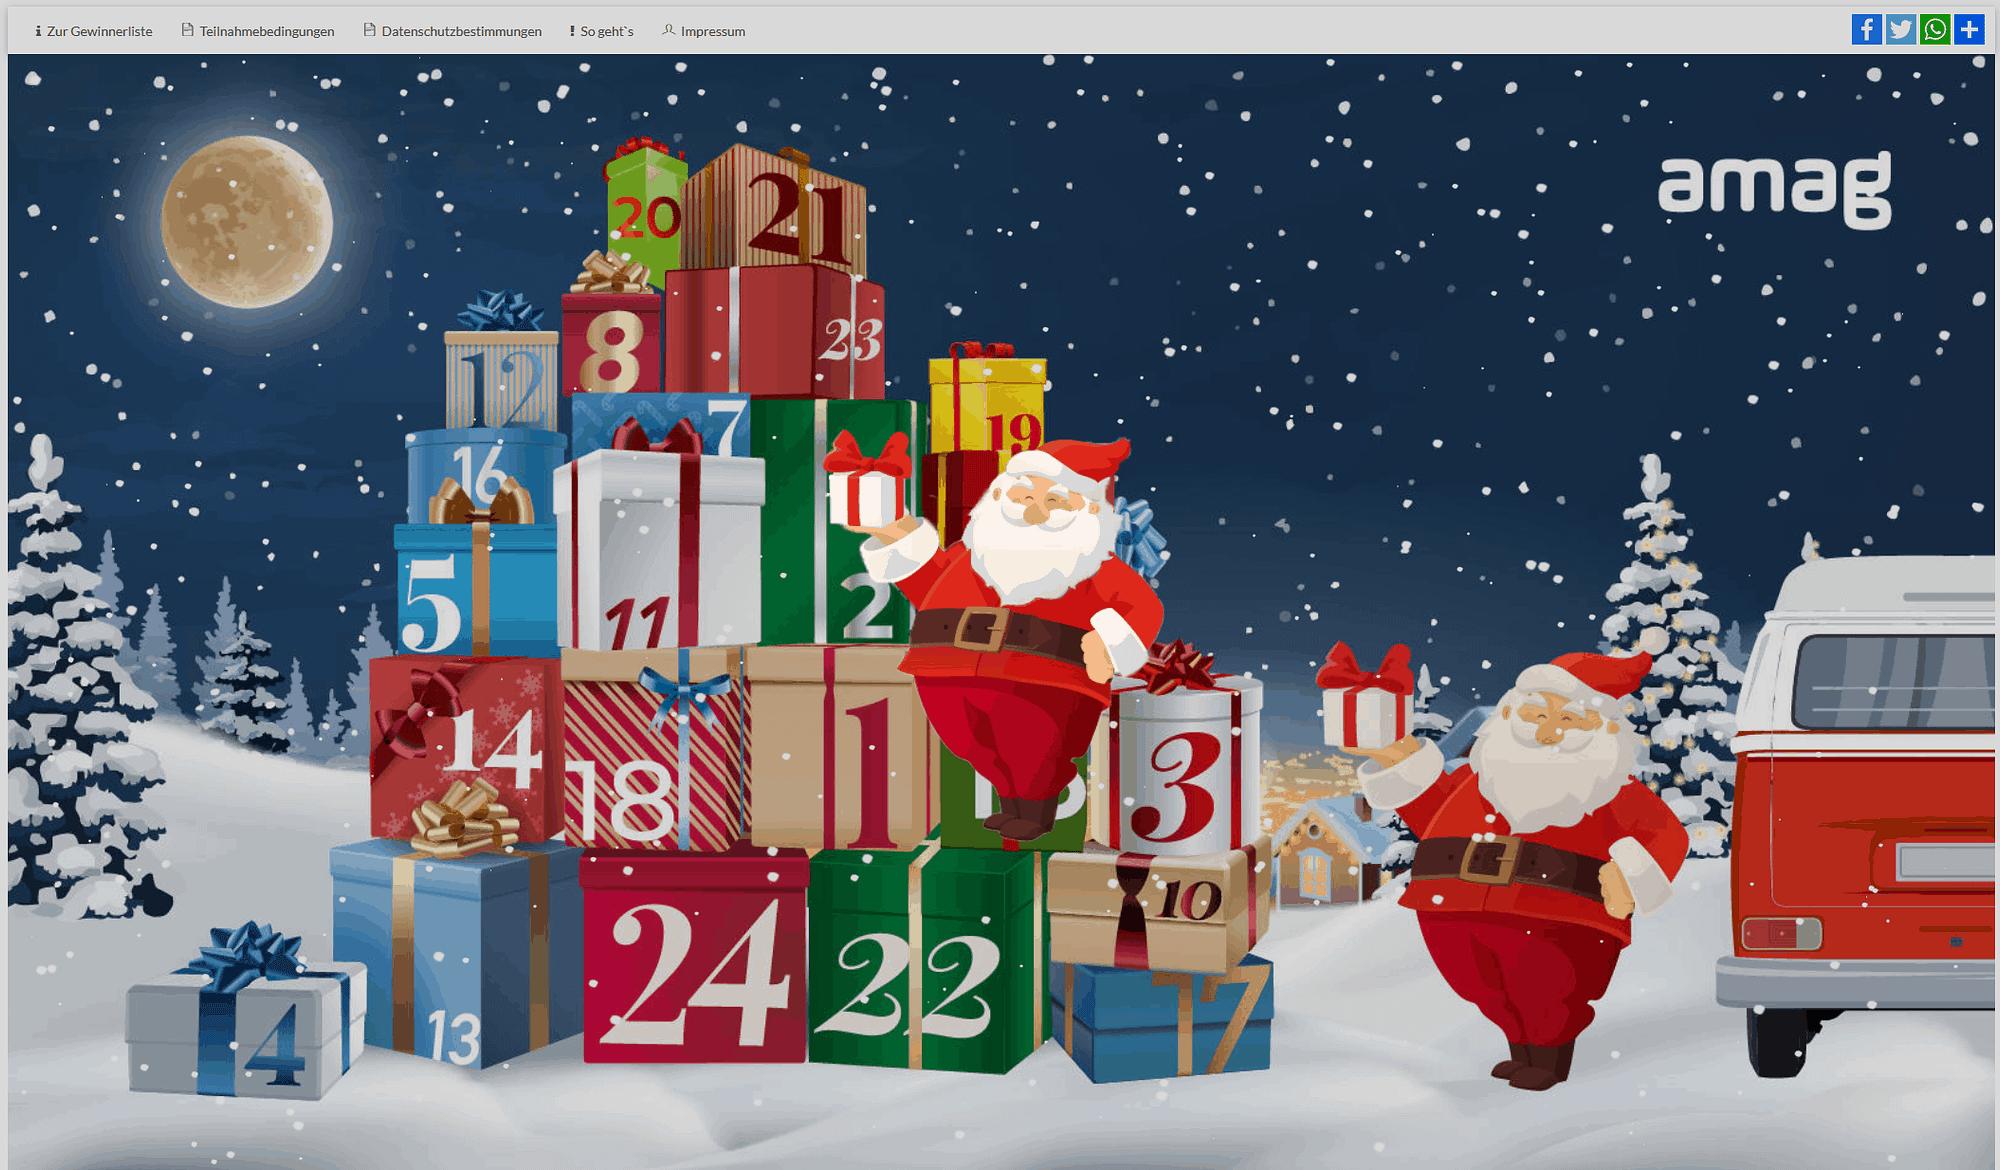 AMAG online Adventskalender - Weihnachtsmann